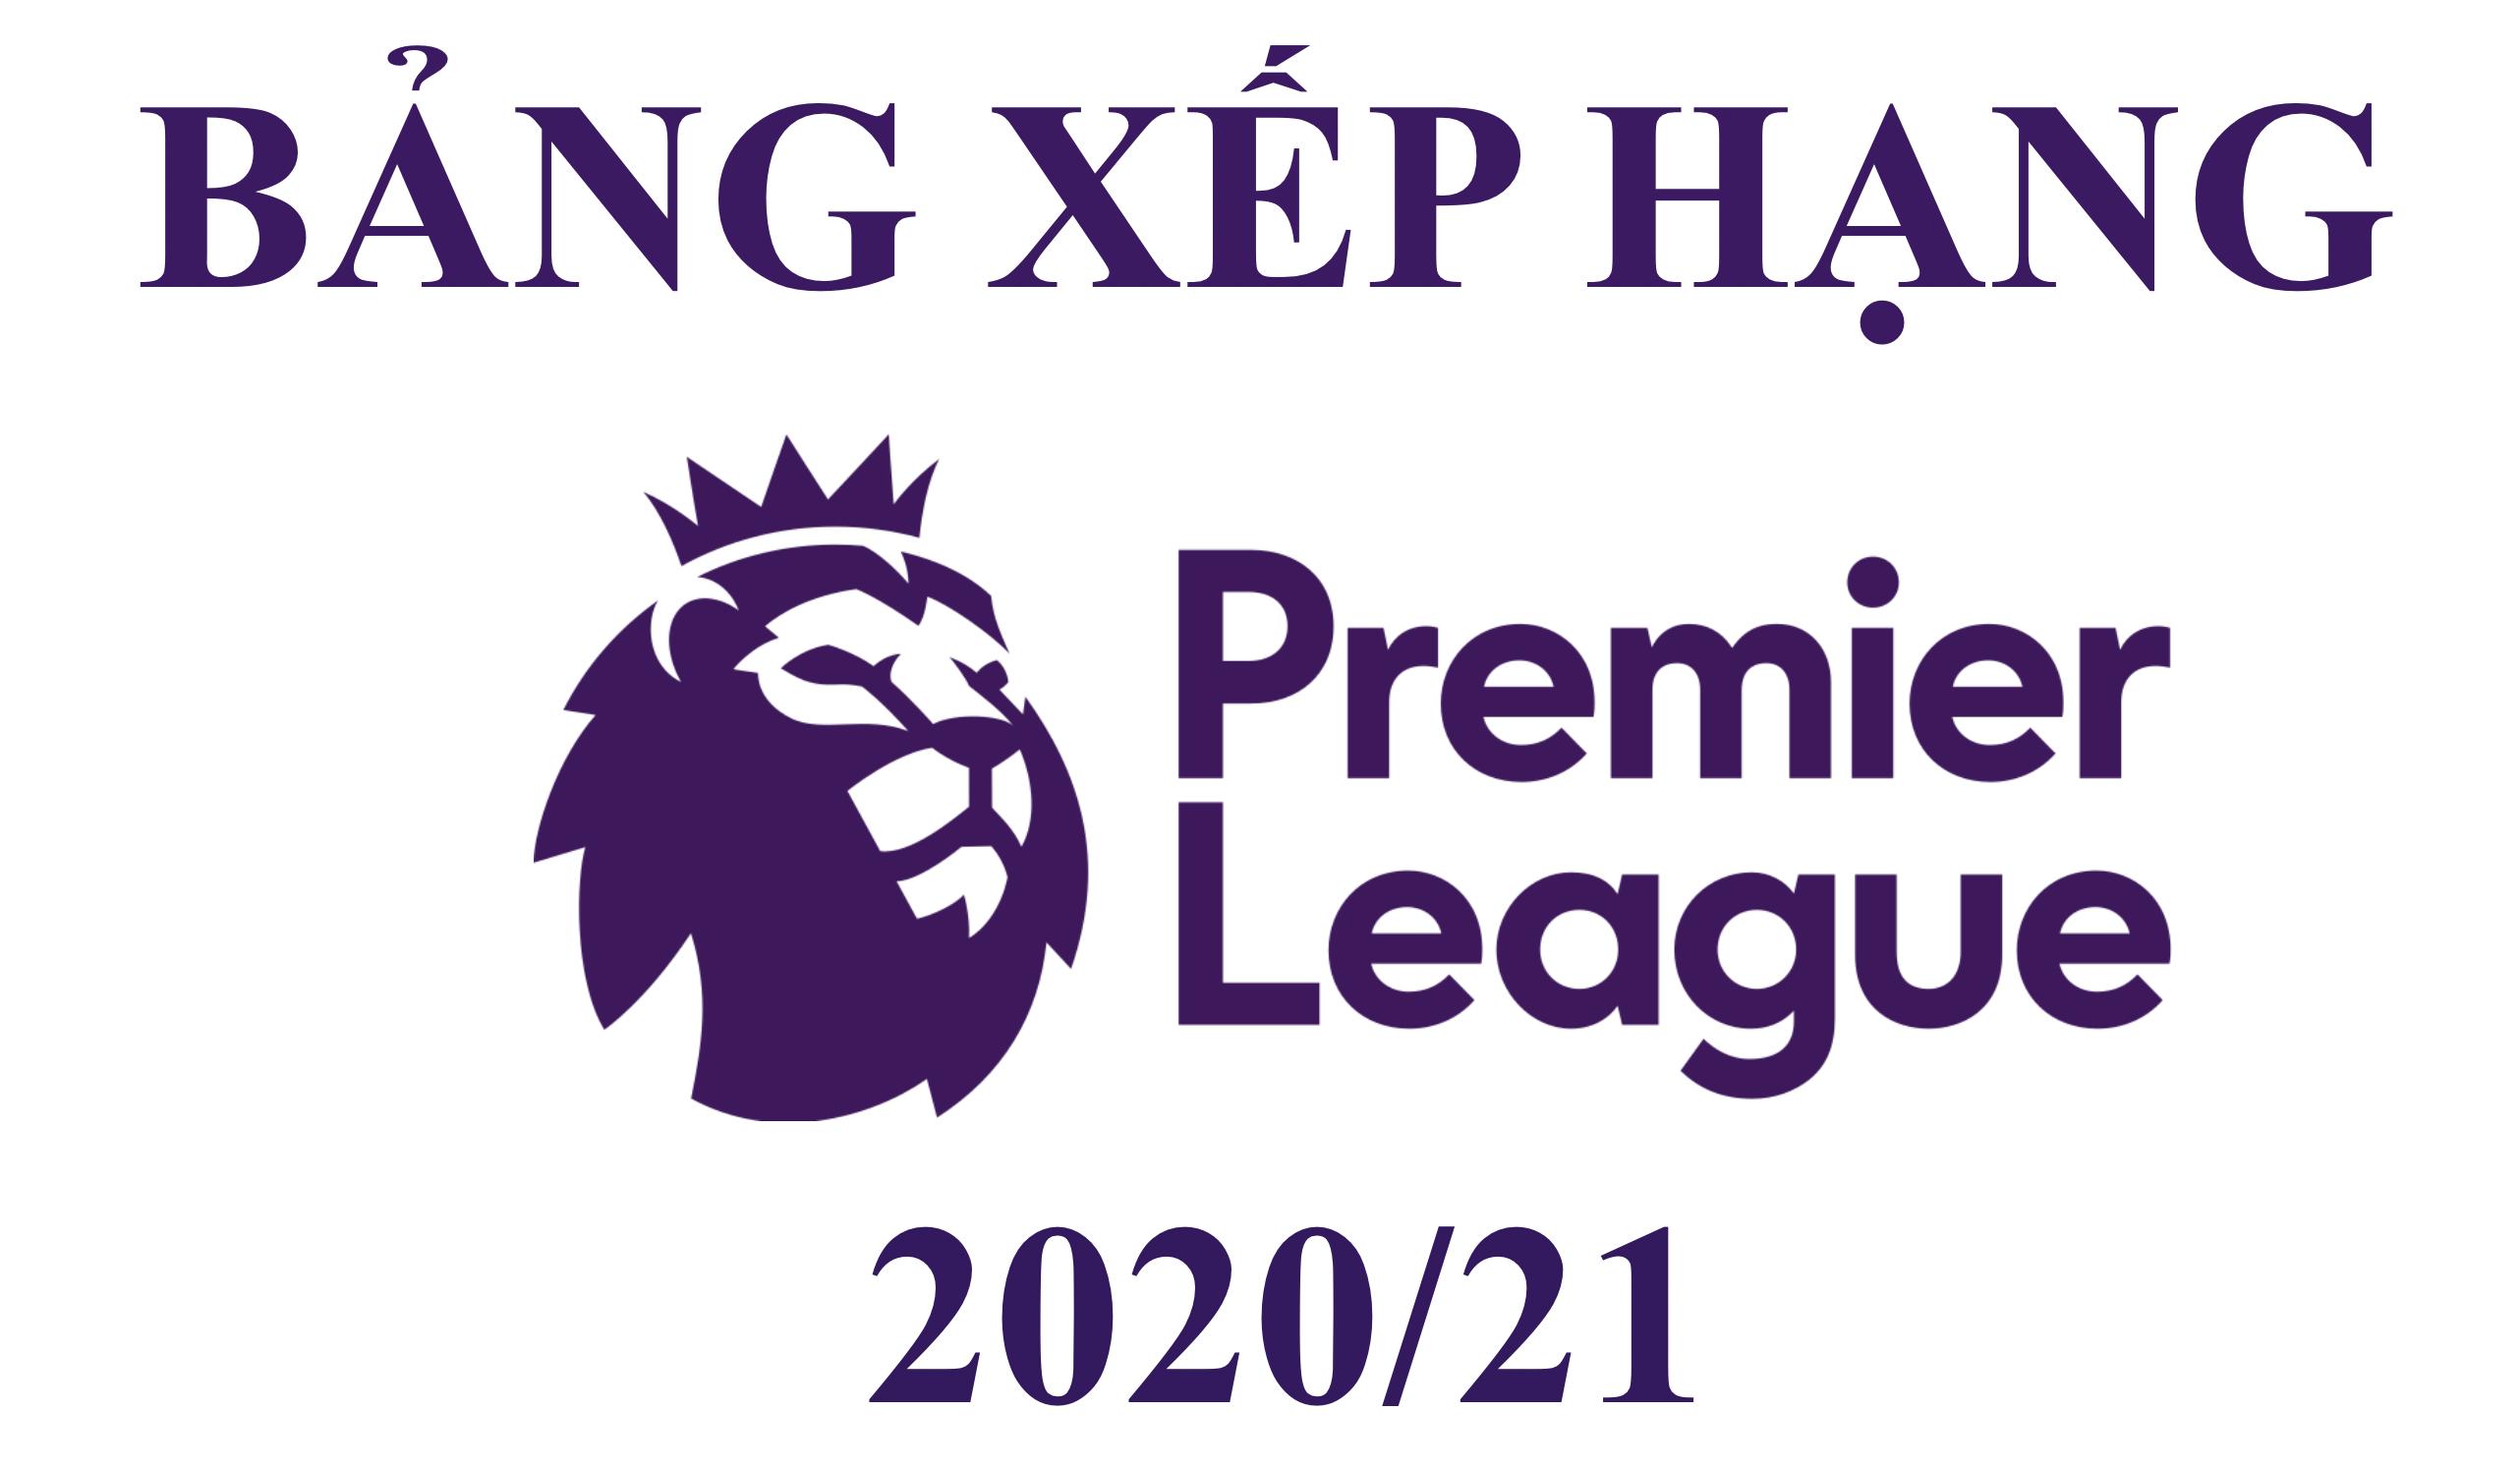 Bảng Xếp Hạng Premier League 2020/21 Sau Vòng 34